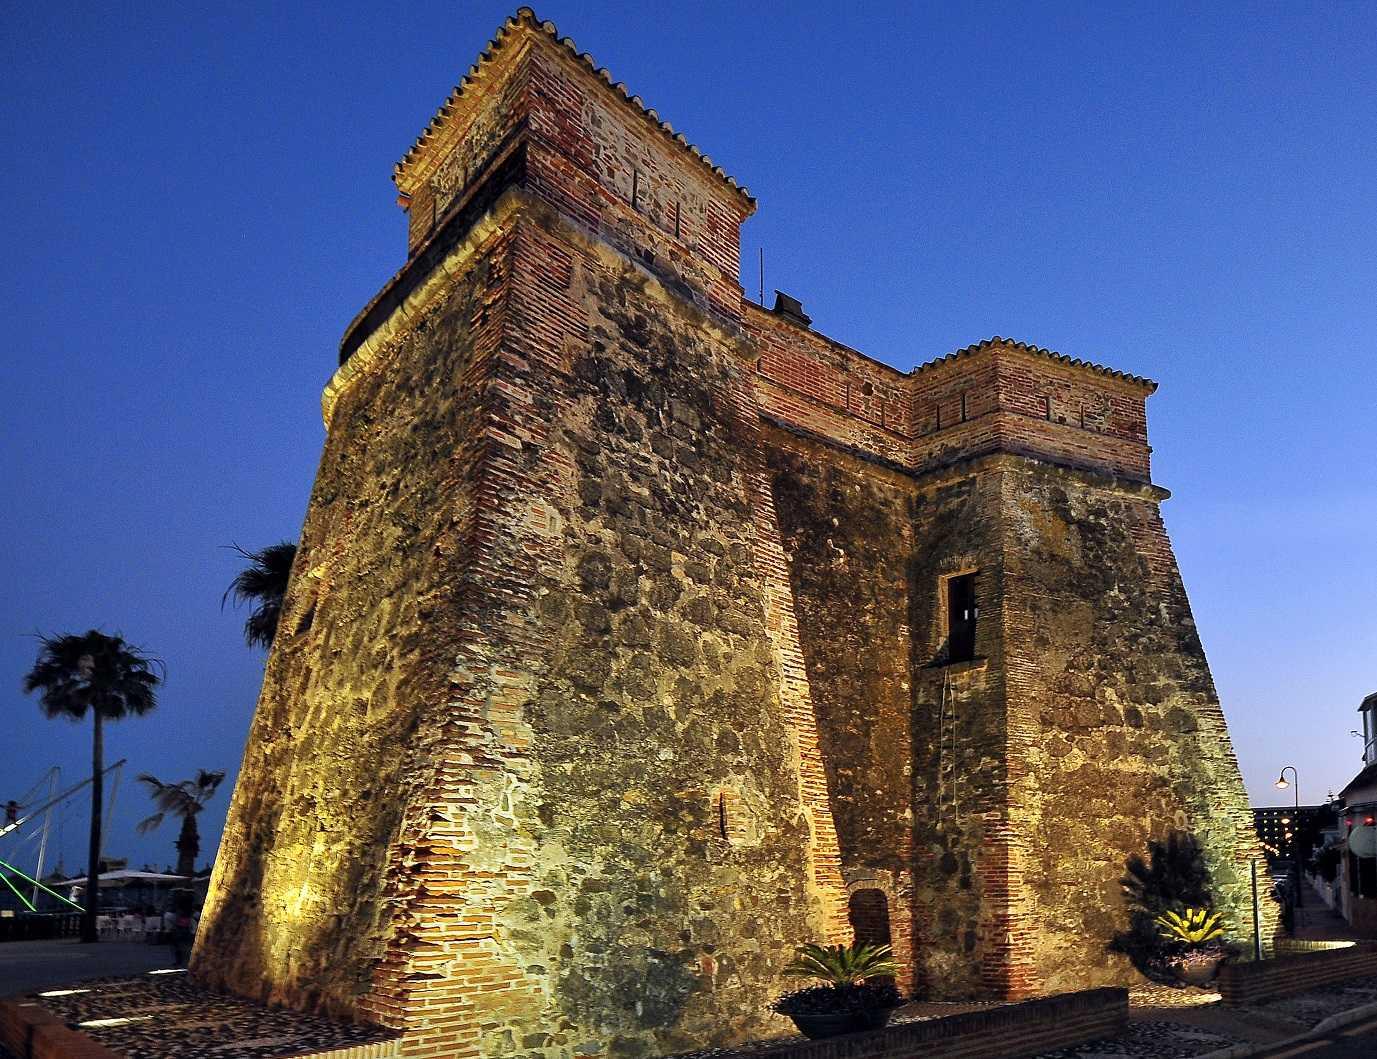 Centro de Interpretación Torres Vigía. Torreón de La Cala de Mijas